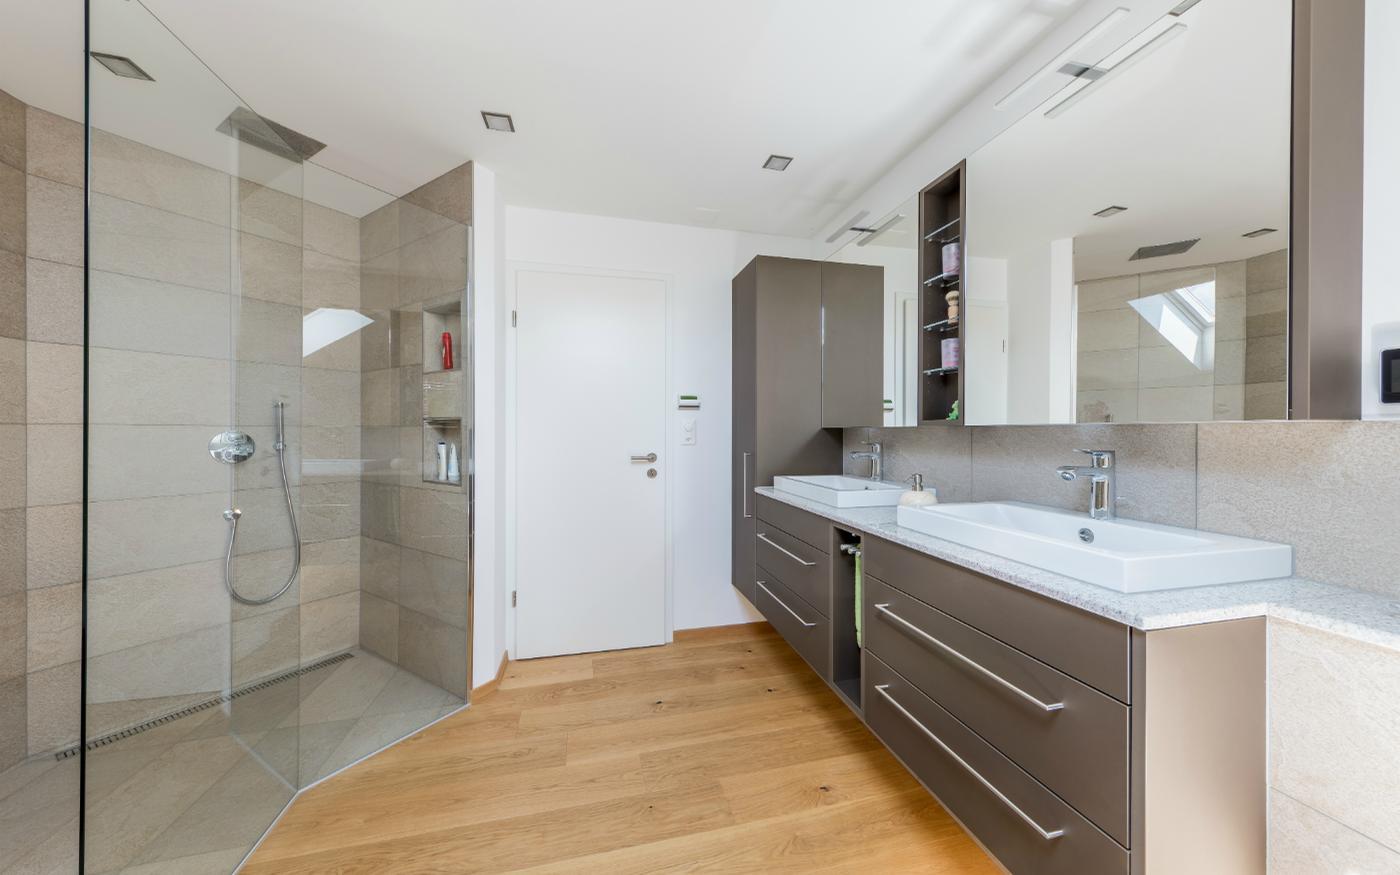 Совмещенная ванная комната с мебелью